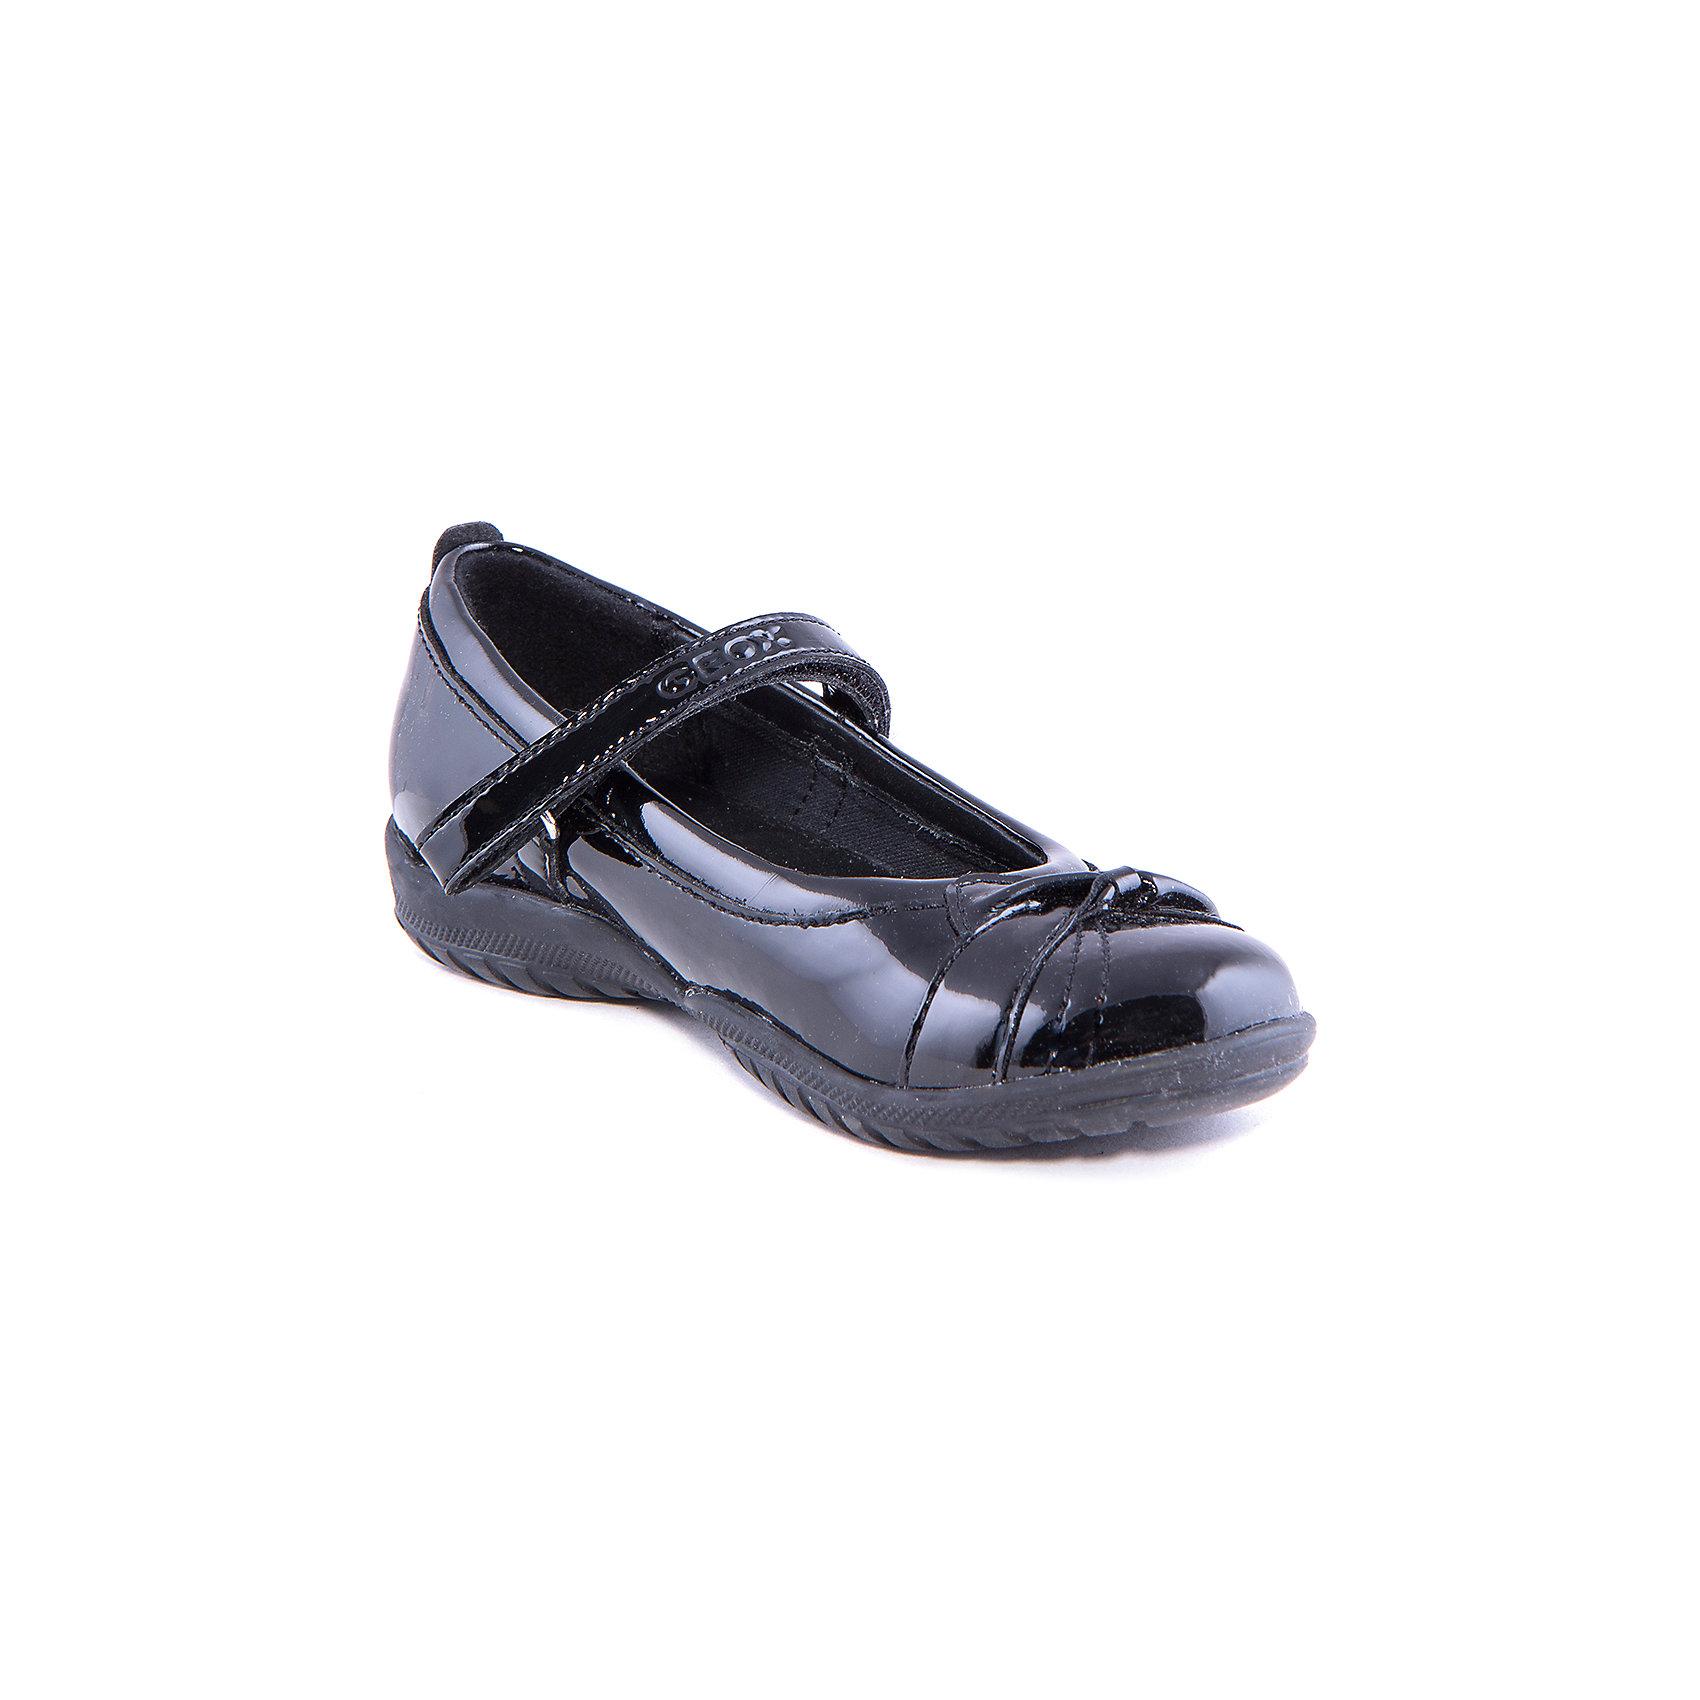 Туфли для девочки GEOXСтильные лакированные туфли от известного бренда GEOX займут достойное место в гардеробе юной модницы. Модель черного цвета прекрасно подходит как для праздника, так и для повседневной носки. Туфли застегиваются на липучку, декорированы отстрочкой. <br><br>Дополнительная информация:<br><br>- Температурный режим: от 15?до 25?.<br>- Тип застежки: липучка. <br>- Цвет: черный (лак).<br>- Декоративные элементы: отстрочка.<br><br>Состав:<br>- Верх: искусственная кожа, текстиль.<br>- Подкладка: натуральная кожа, текстиль.<br>- Подошва: полимерные материалы.<br>- Стелька: натуральная кожа.<br><br>Туфли для девочки, GEOX (Геокс), можно купить в нашем магазине.<br><br>Ширина мм: 227<br>Глубина мм: 145<br>Высота мм: 124<br>Вес г: 325<br>Цвет: черный<br>Возраст от месяцев: 72<br>Возраст до месяцев: 84<br>Пол: Женский<br>Возраст: Детский<br>Размер: 30,35,29,31,34,36,37,33,32<br>SKU: 4178237